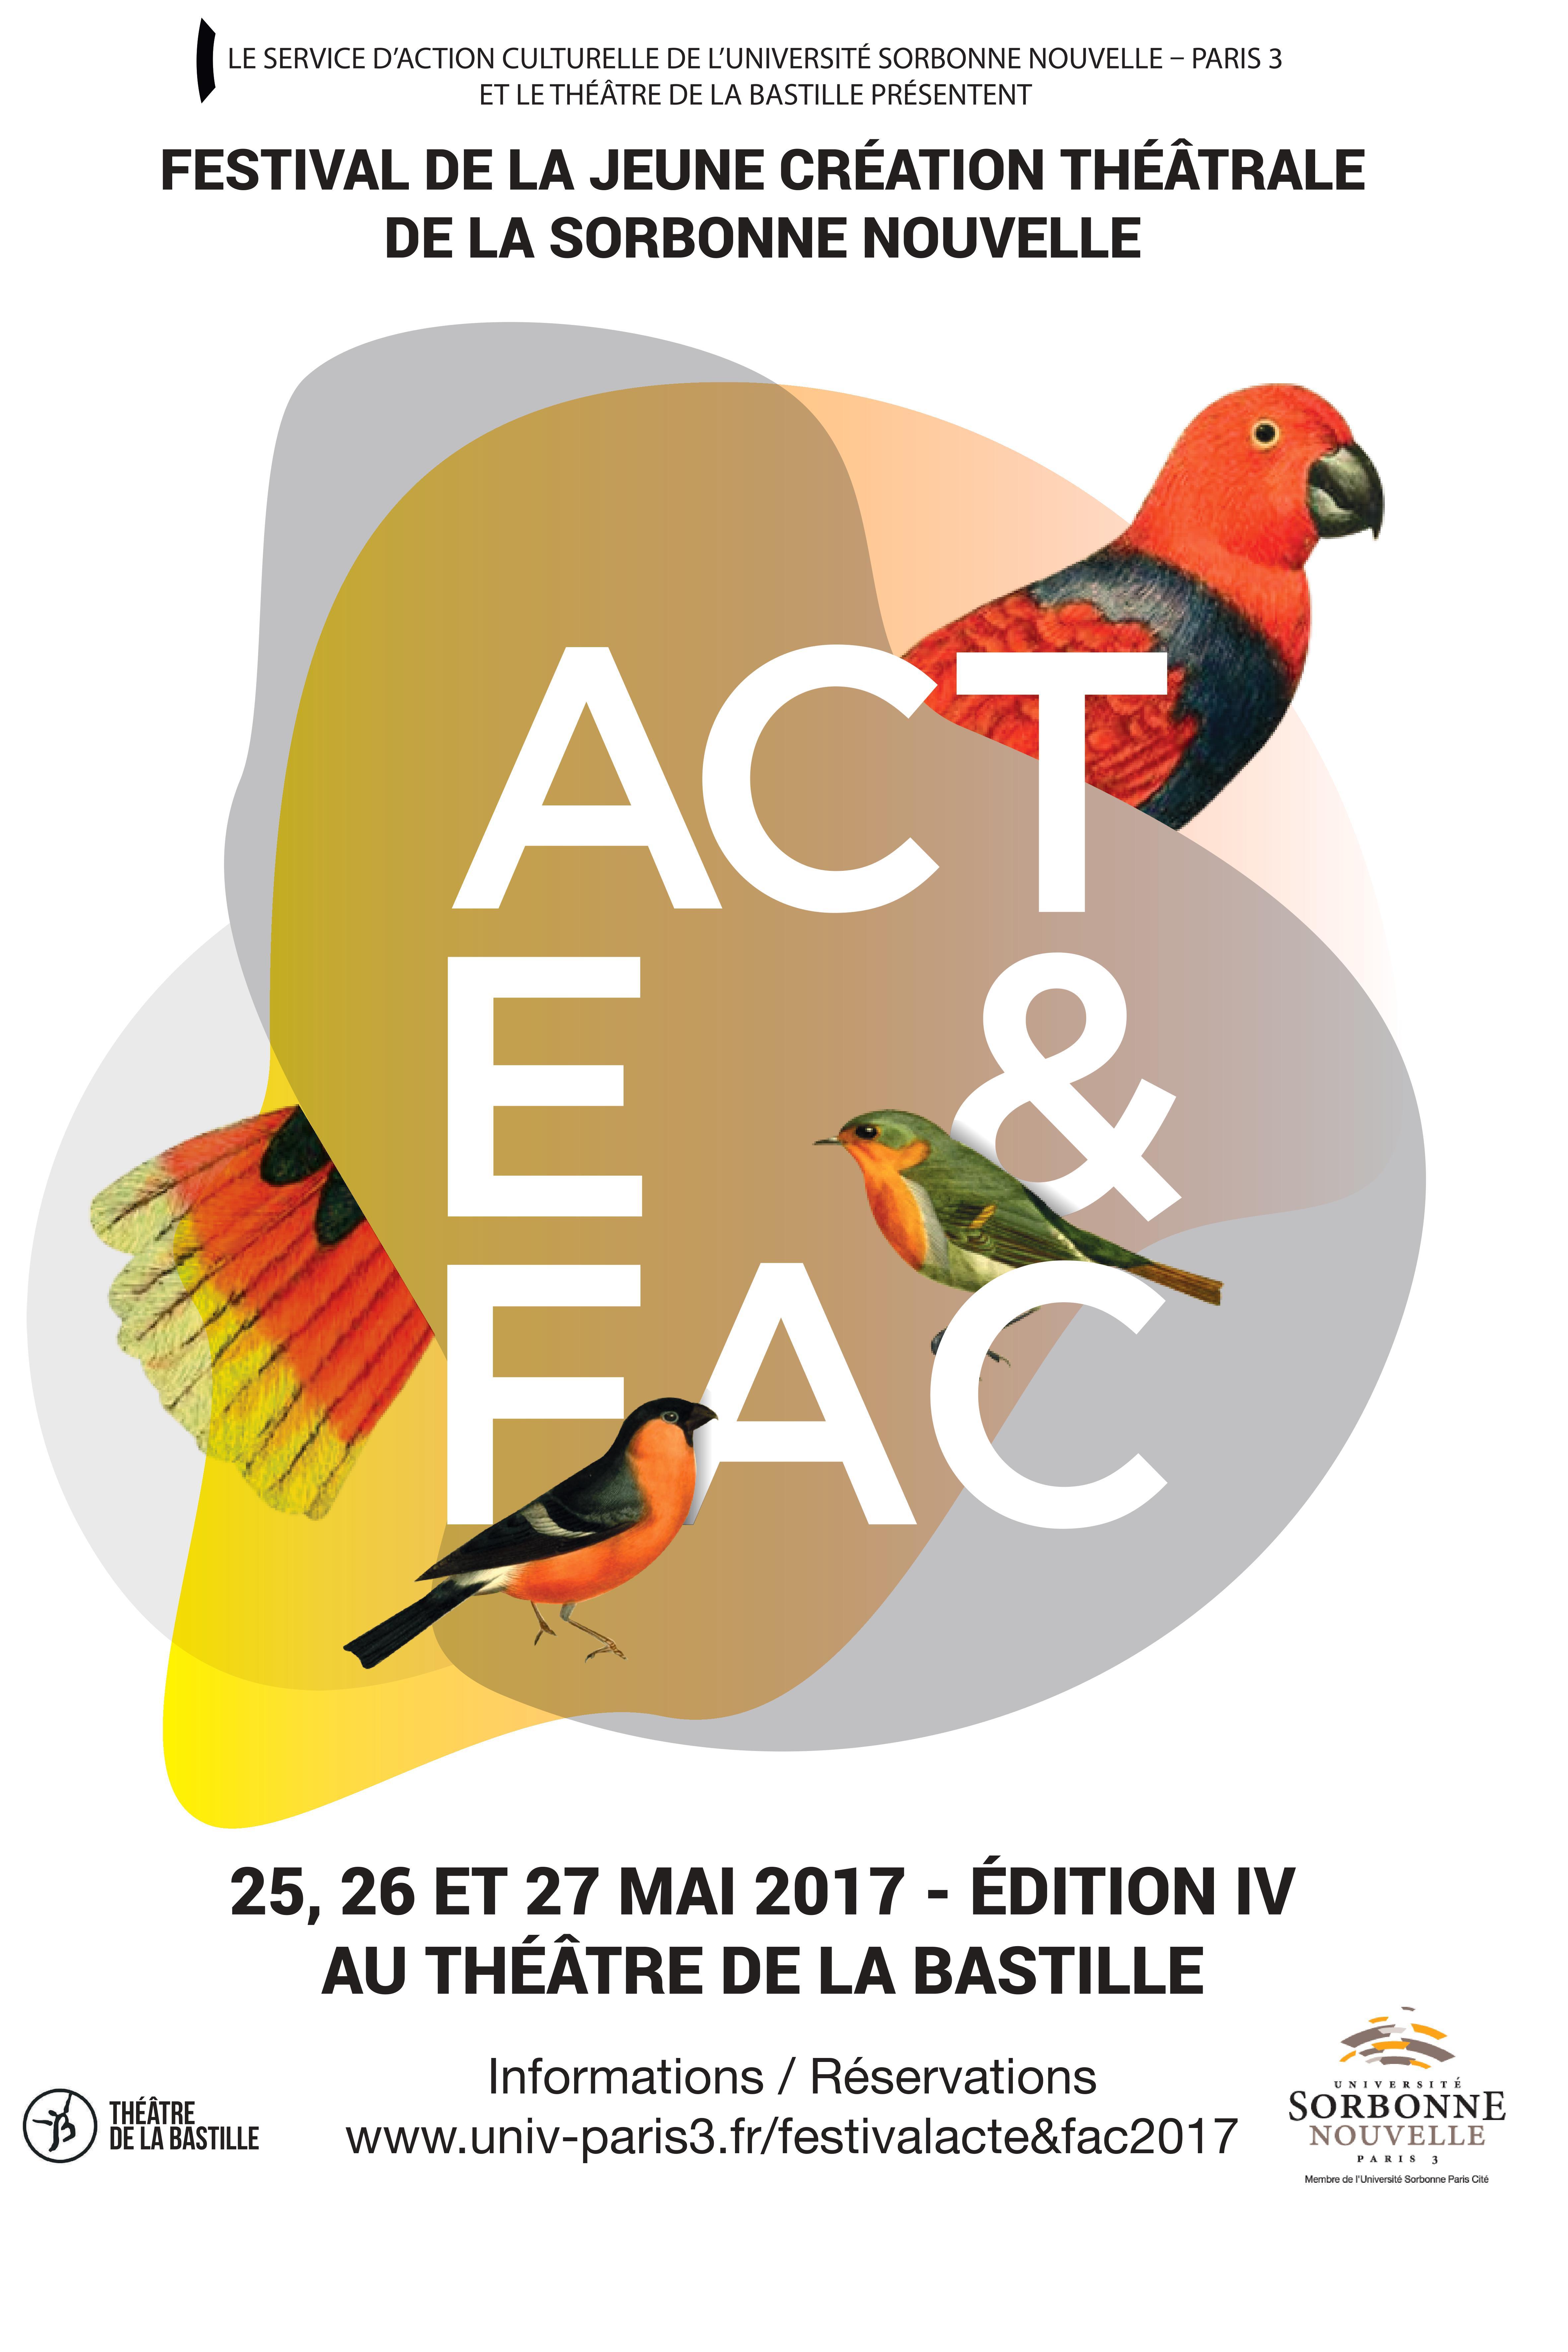 Acte & Fac réservations.jpg